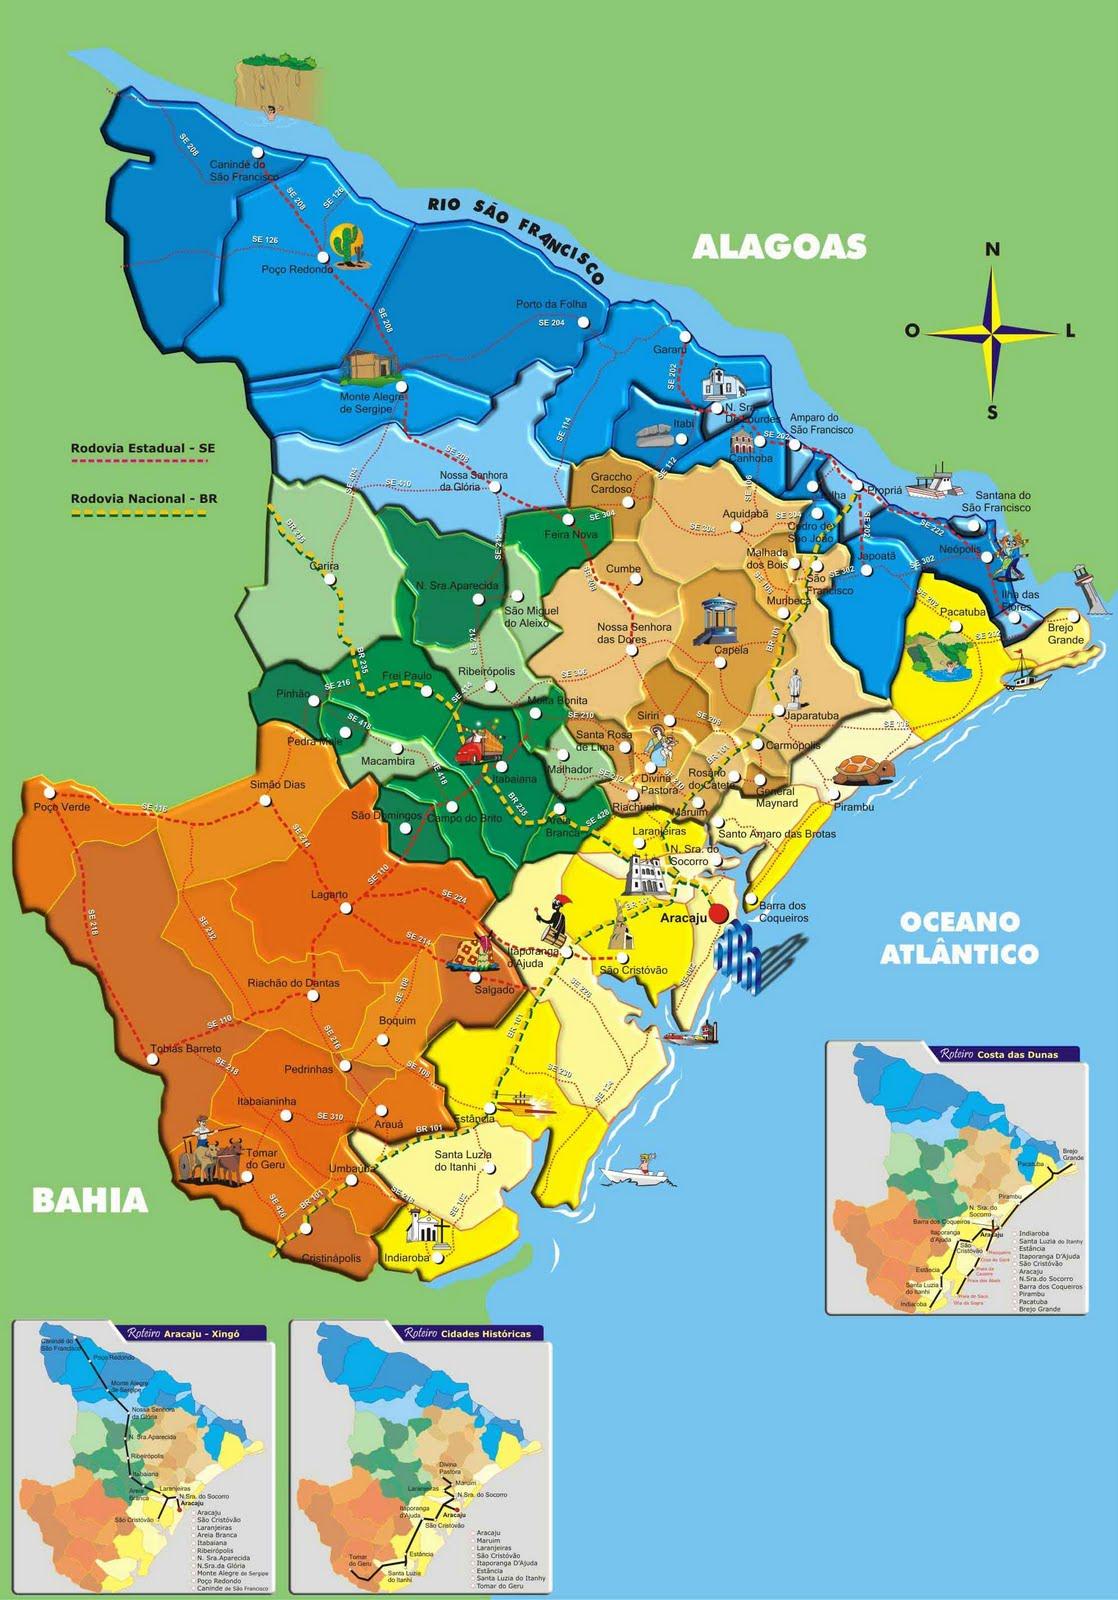 Mapas de Sergipe | MapasBlog